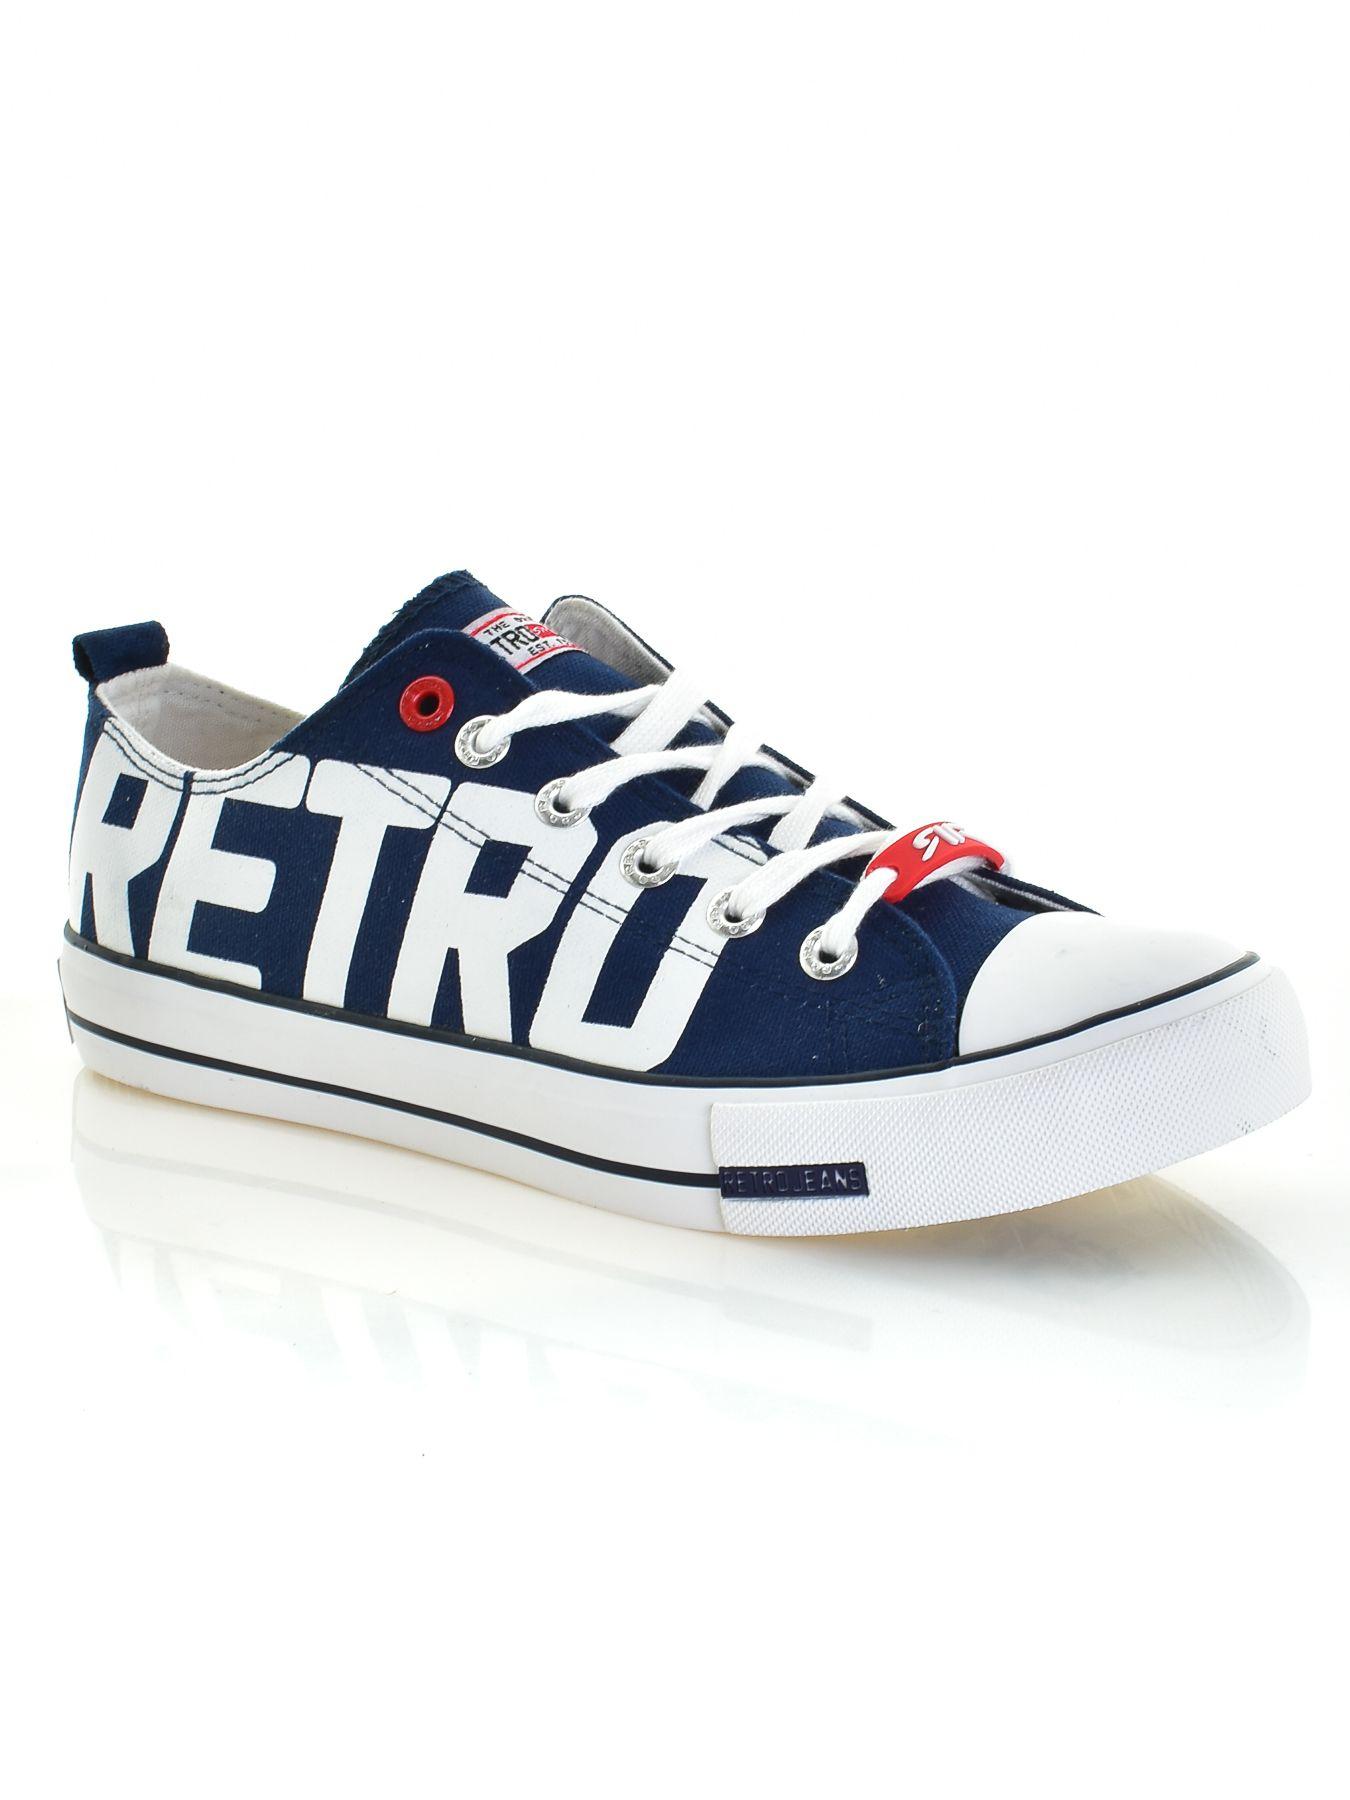 Retro jeans Retro jeans árak és visszajelzések a